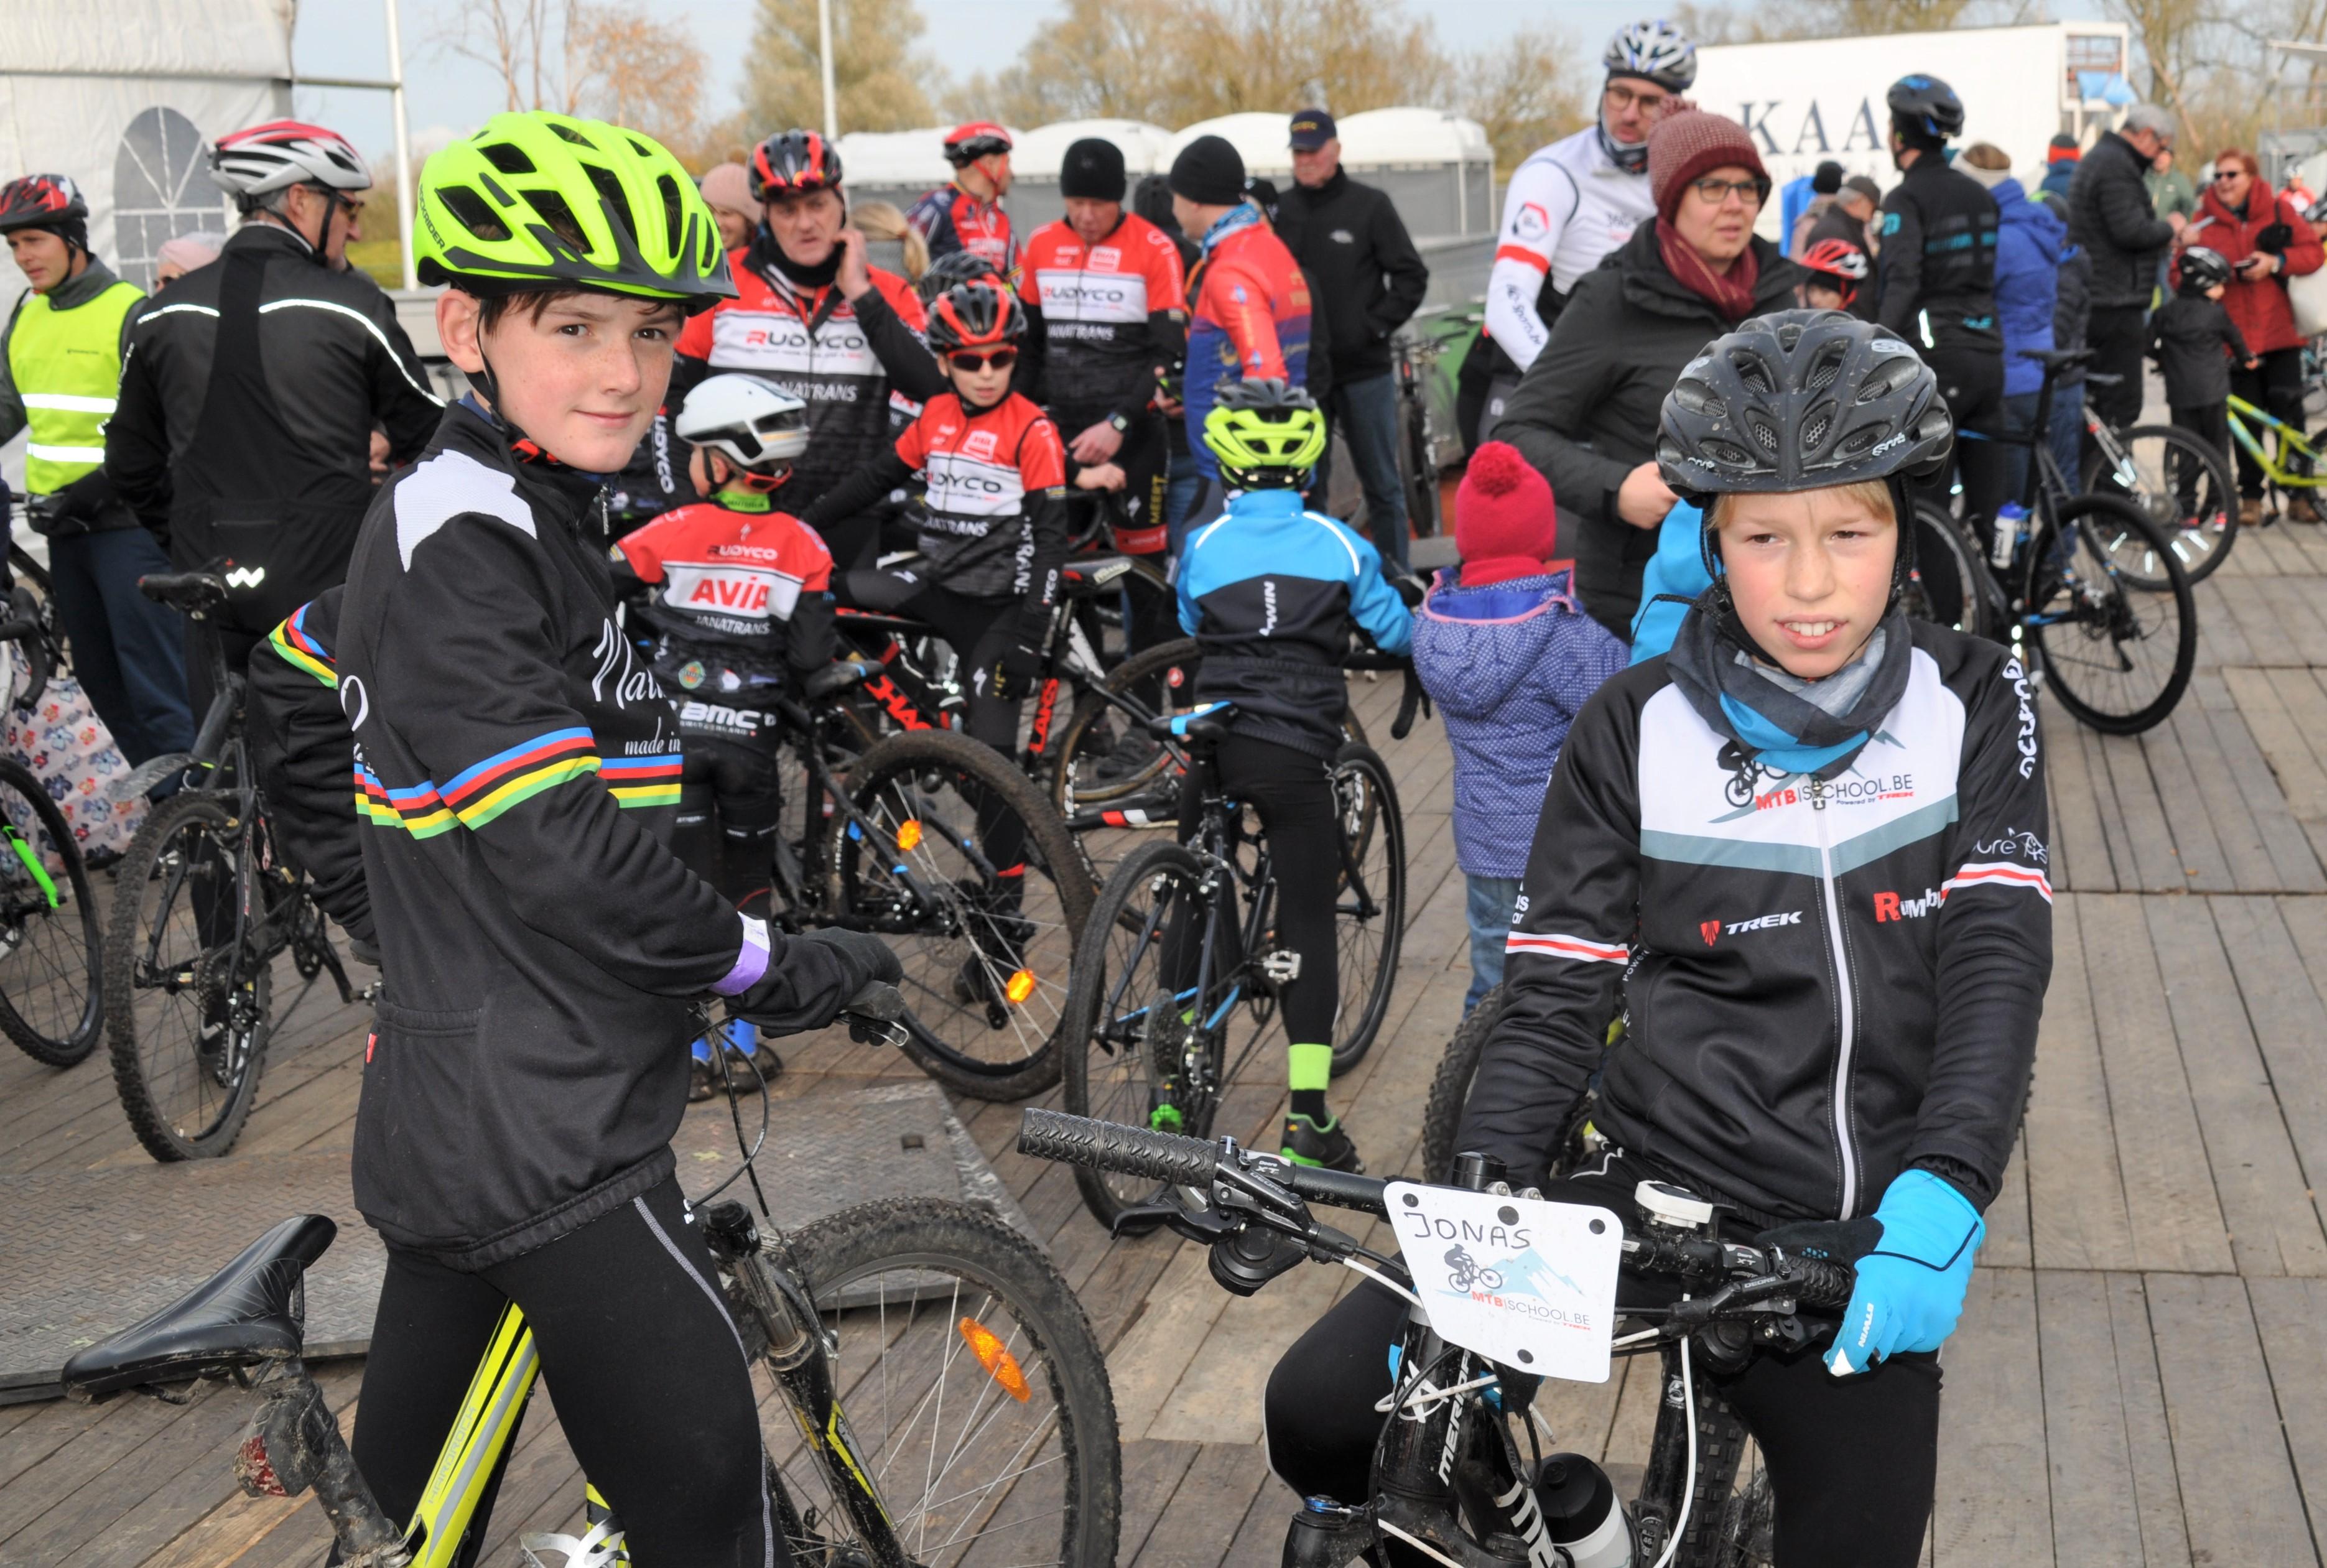 Bijna 200 kinderen verkennen omloop Flandriencross (Hamme) - Het Nieuwsblad